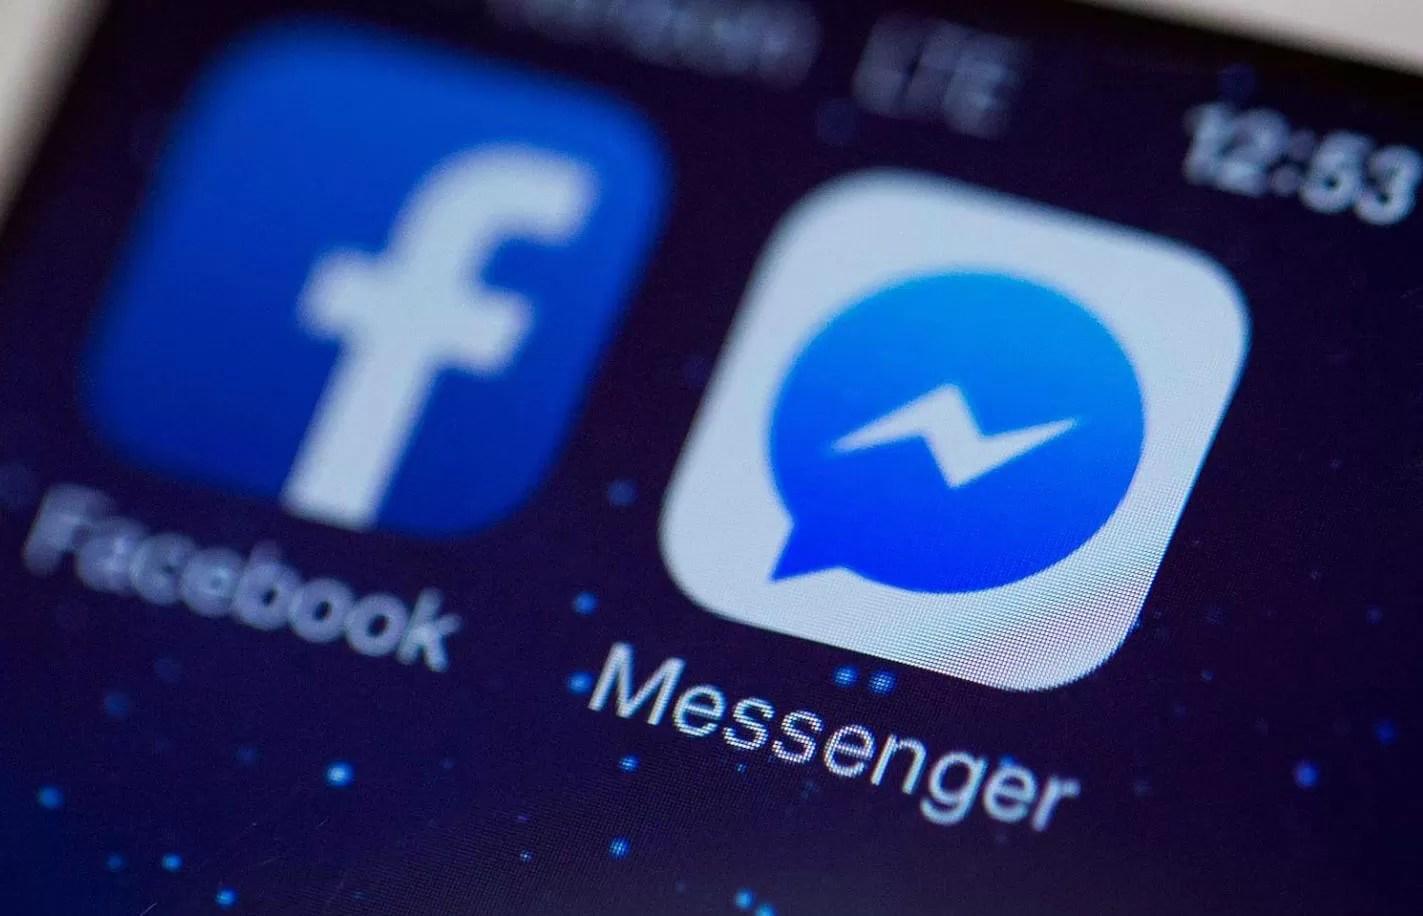 Los hackers están difundiendo malware de minería de criptomonedas a través de Facebook Messenger